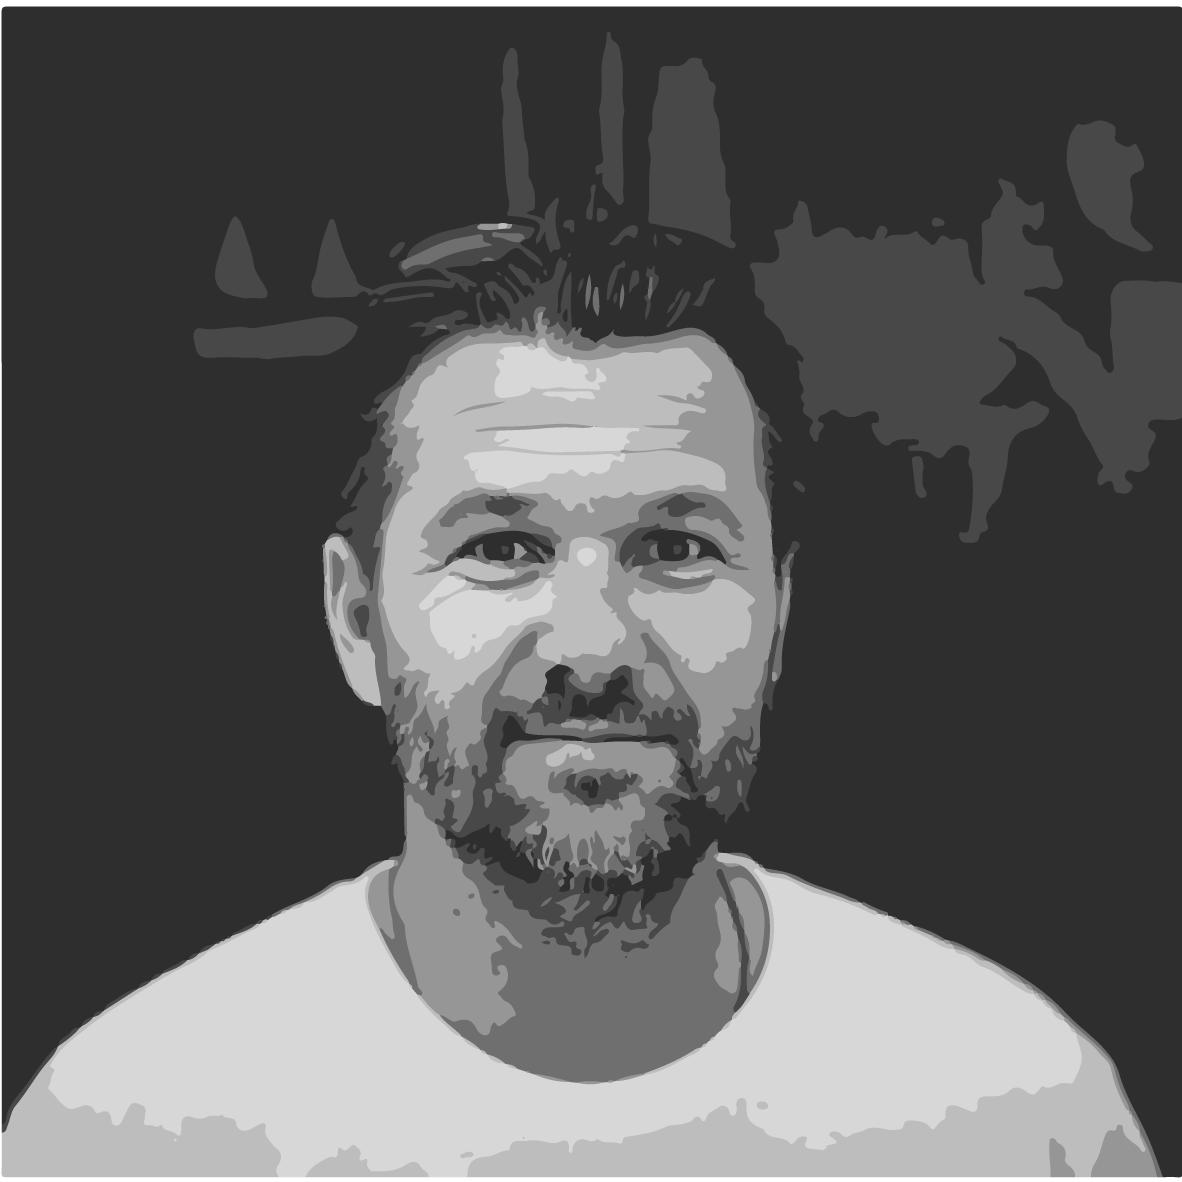 Kunstkurator Jens-Peter Brask     Web:       http://www.braskart.com/       Instagram:       https://www.instagram.com/brask007/